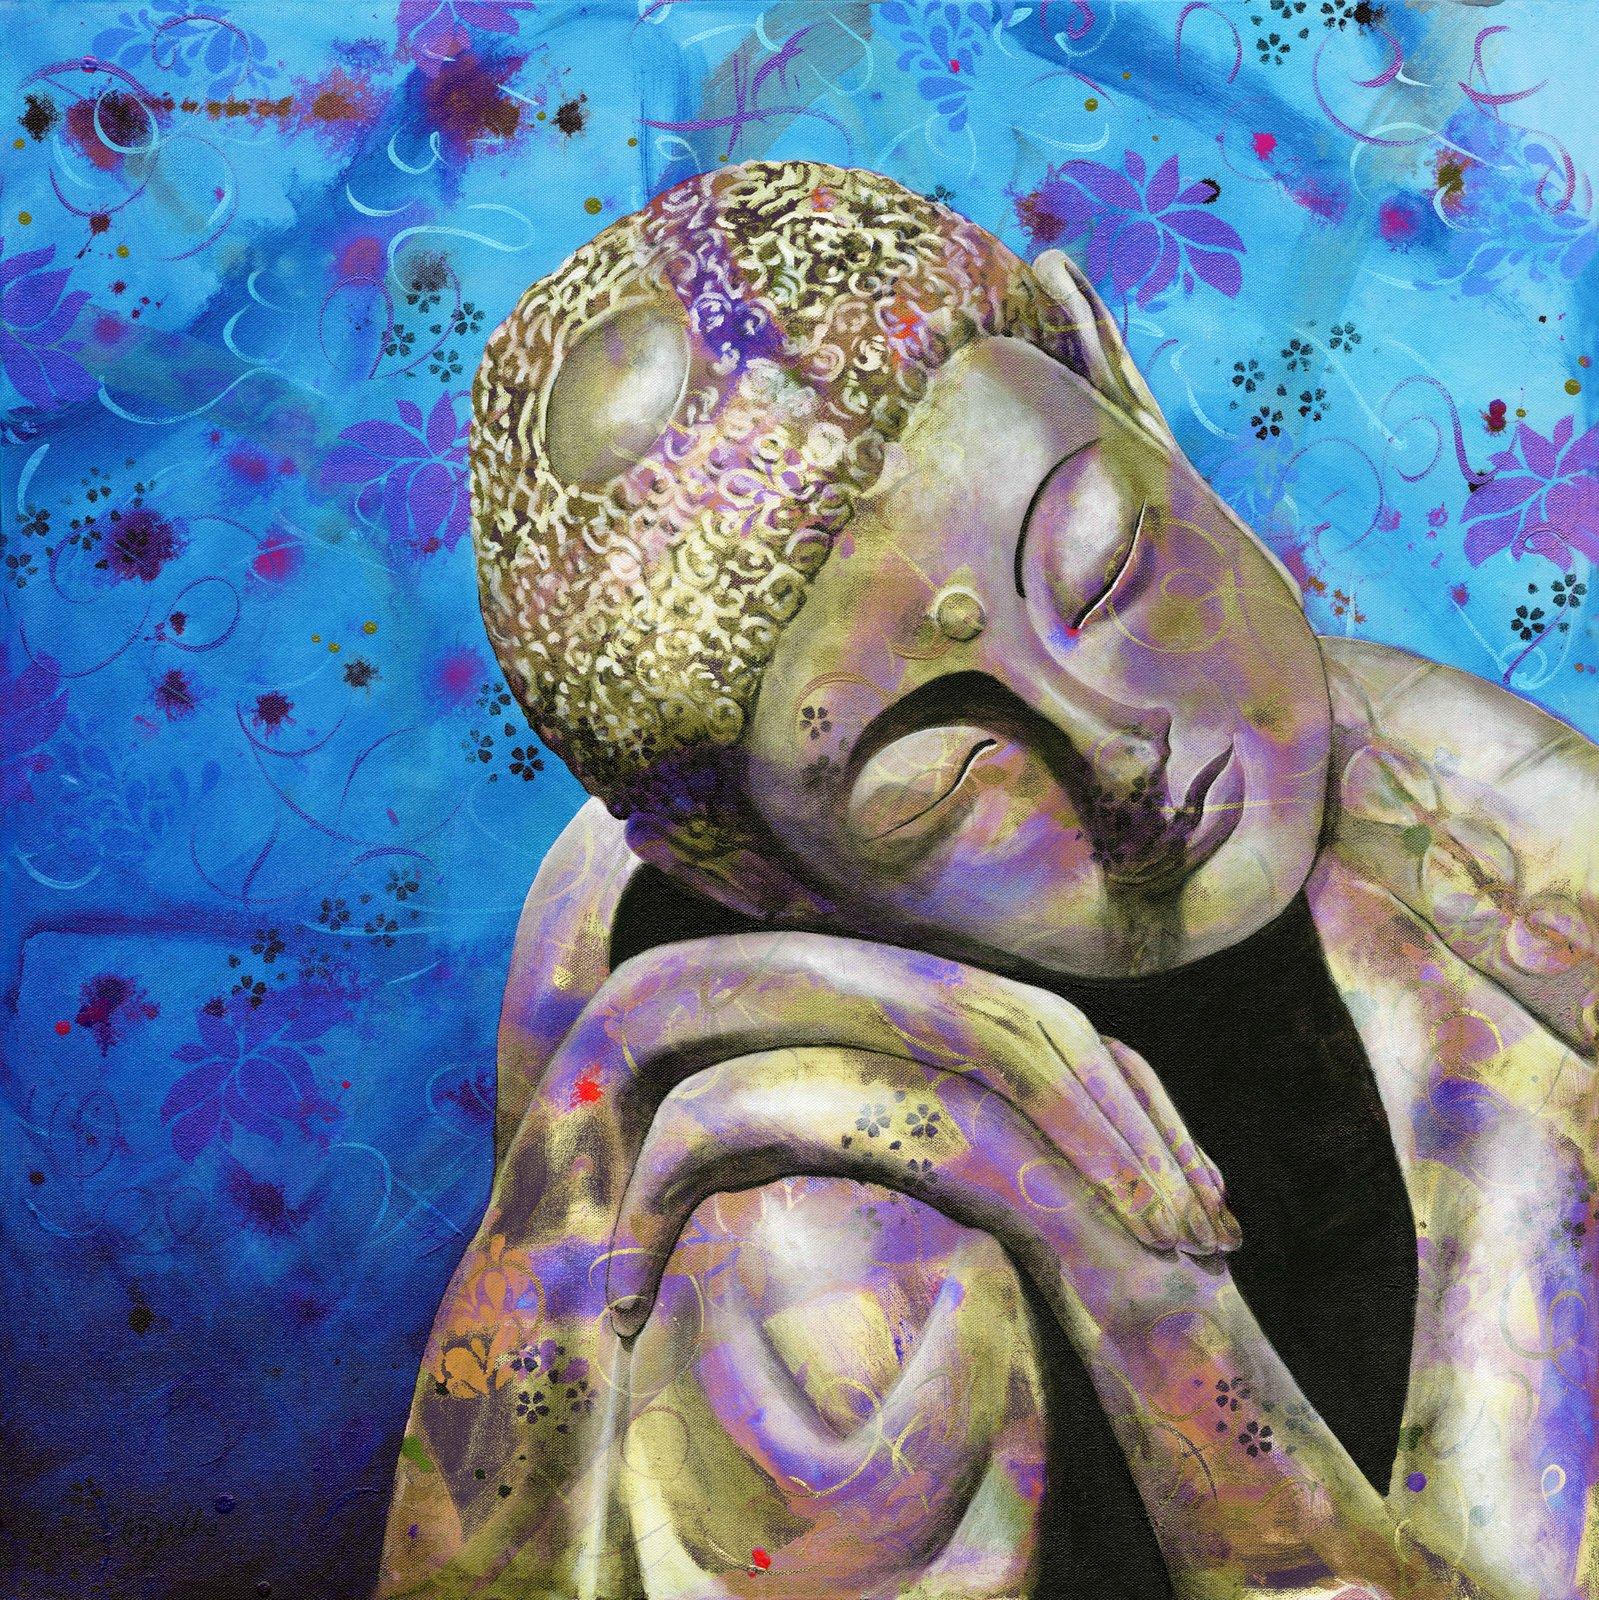 sleeping-buddha-blue-background-merge